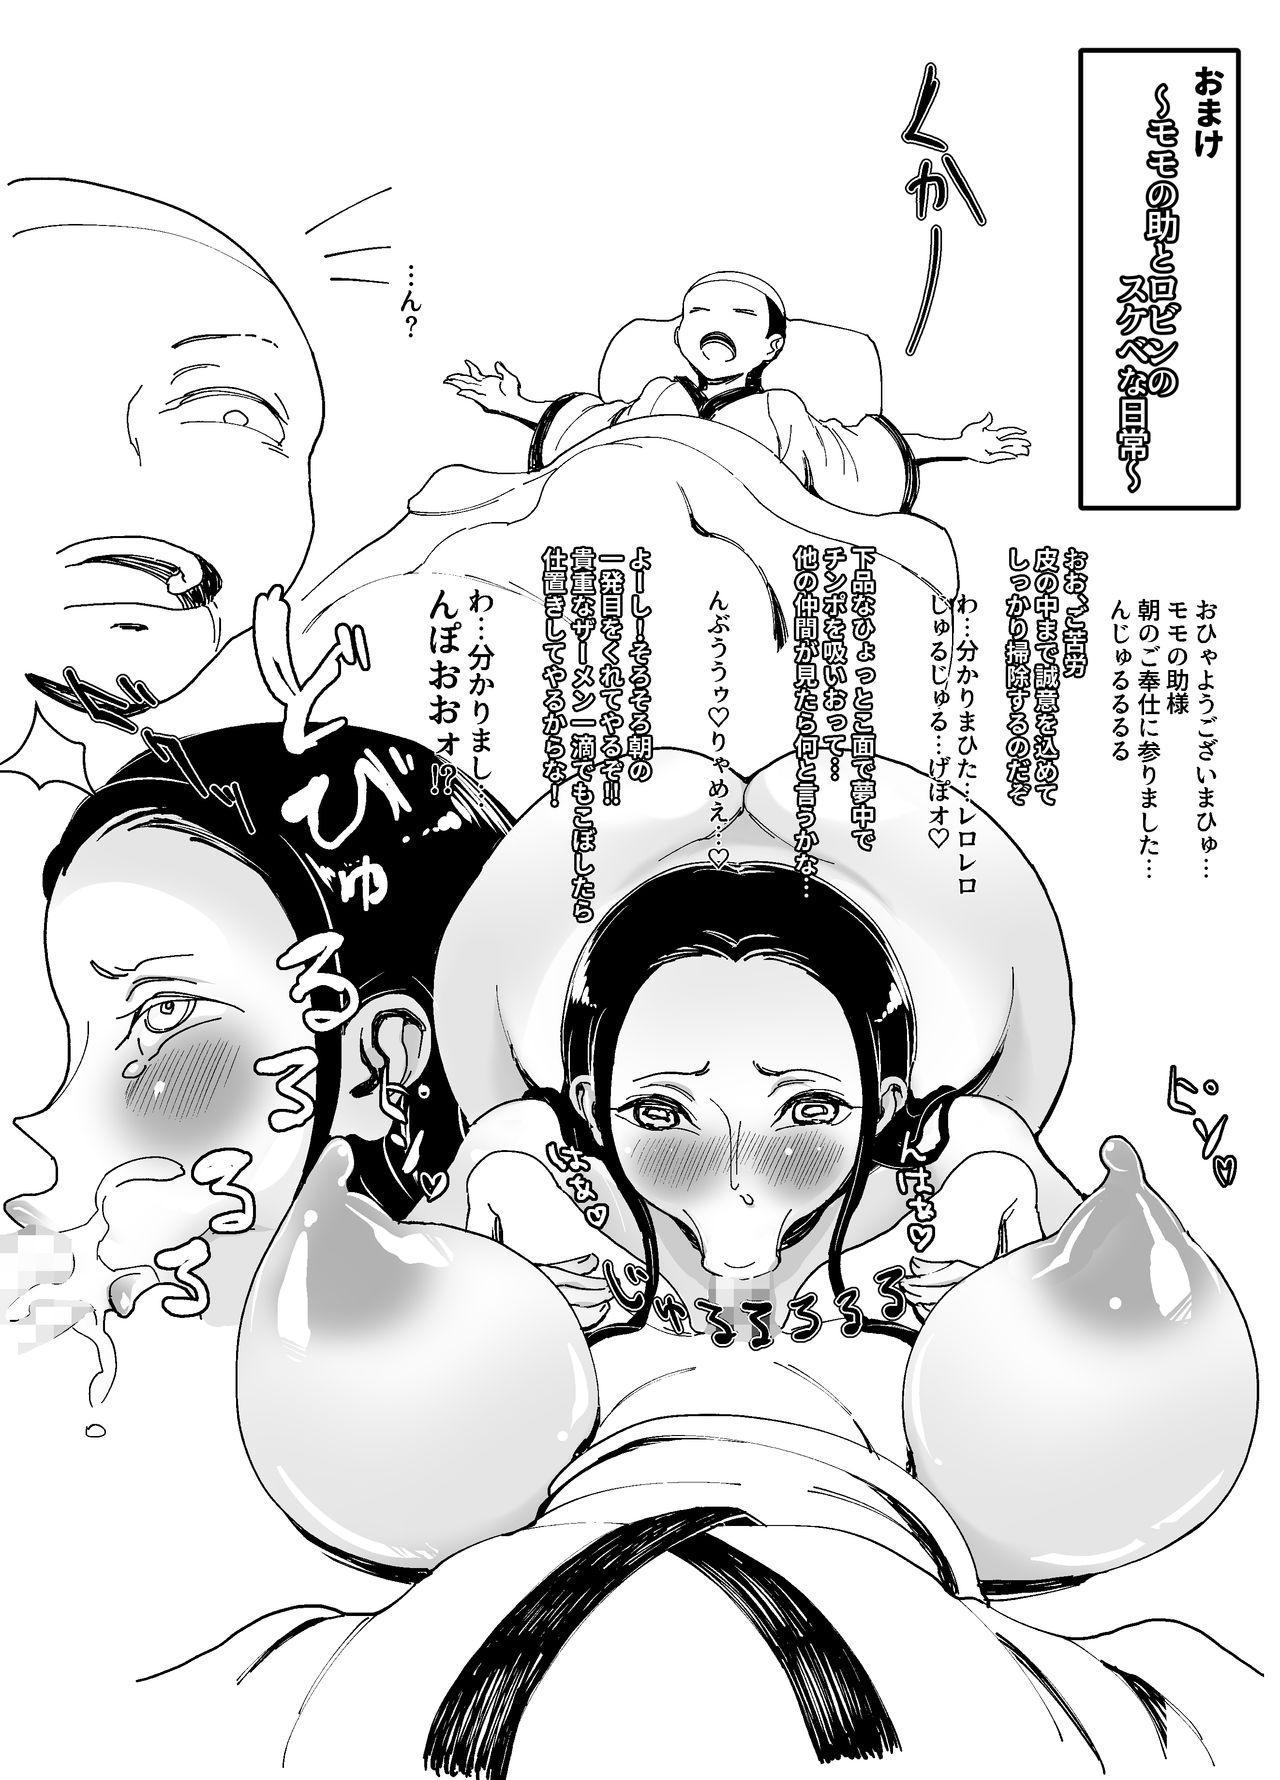 Kuso Gaki Vs Nico Robin 17